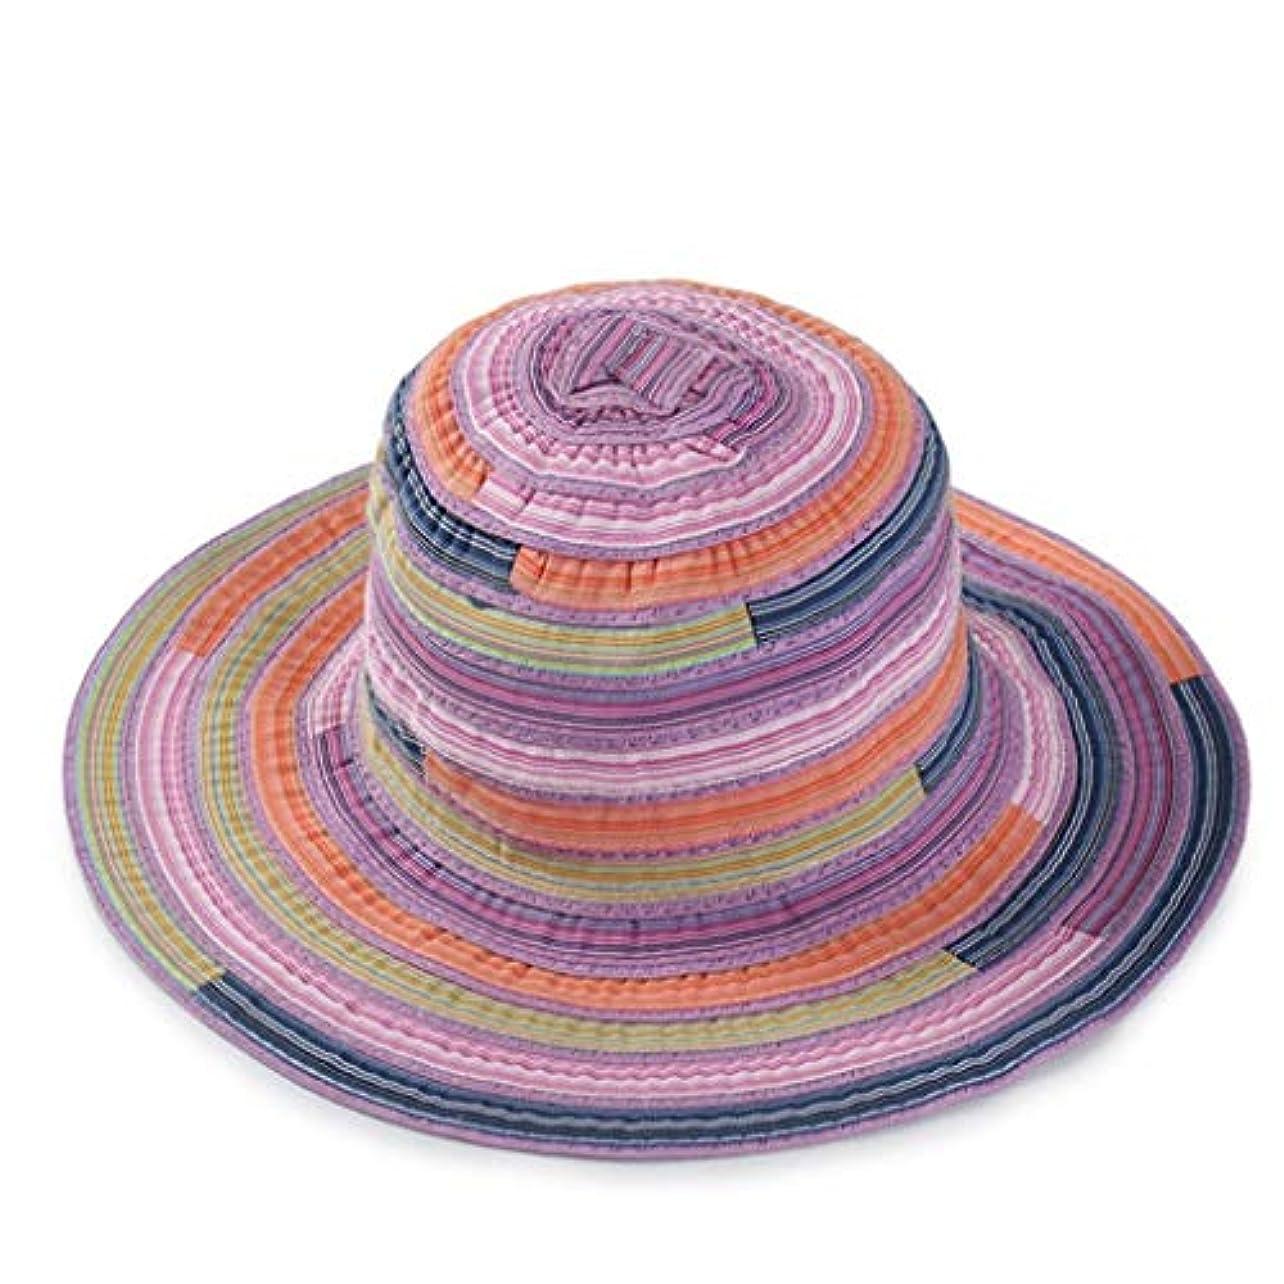 パーク蛇行因子UVカット 帽子 レディース ハット 旅行用 日よけ 夏季 日焼け 折りたたみ 持ち運び つば広 リボン付き 調節テープ ストライプ 柄 キャップ 通気性抜群 日除け UVカット 紫外線対策 ROSE ROMAN